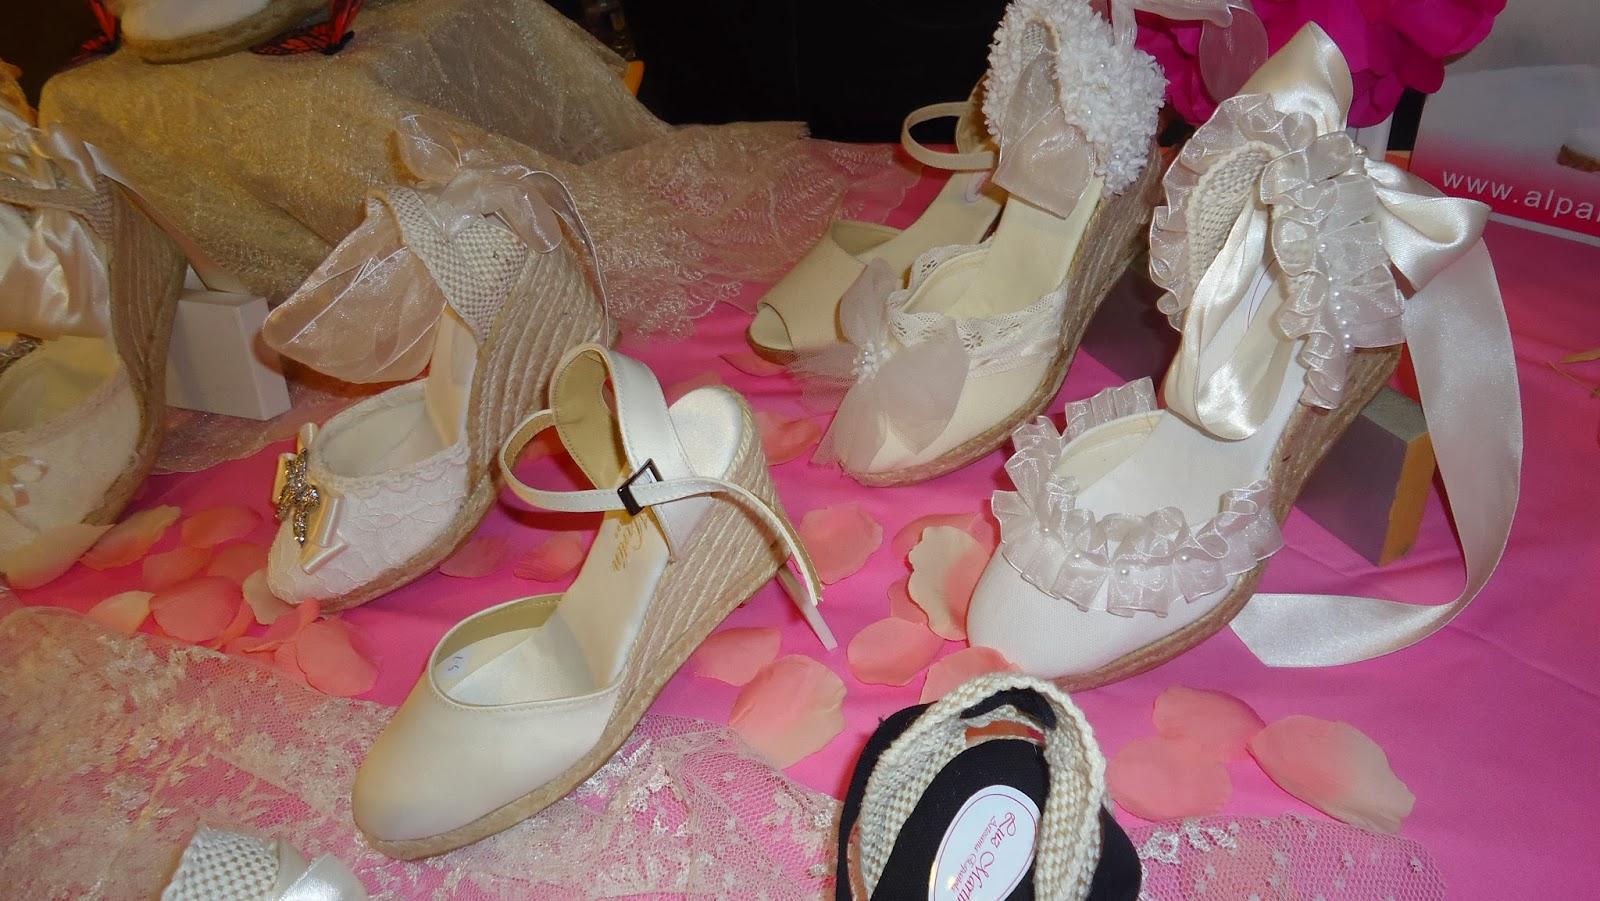 ¿Compraréis alpargatas para el baile o aguantaréis con los zapatos? Si ya os habéis casado y las llevásteis ¿dónde las comprásteis?